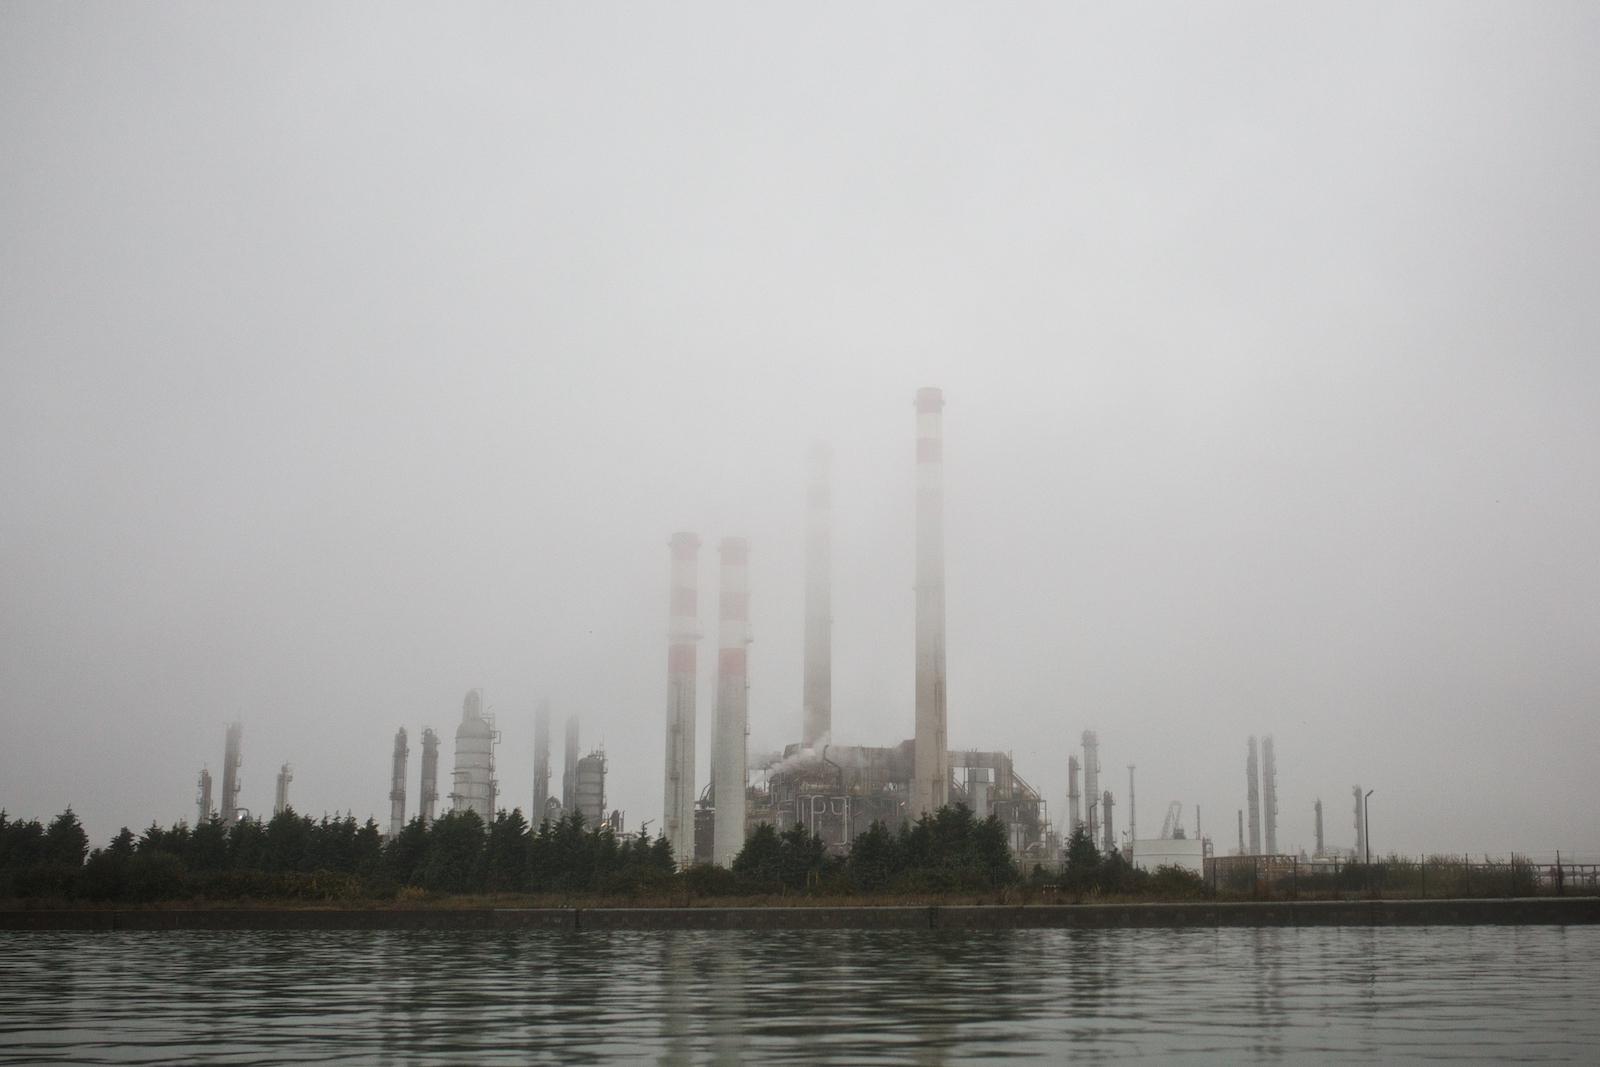 Vista di un impianto del polo industriale dal Canale Industriale Sud di Porto Marghera. Marghera, Novembre 2014